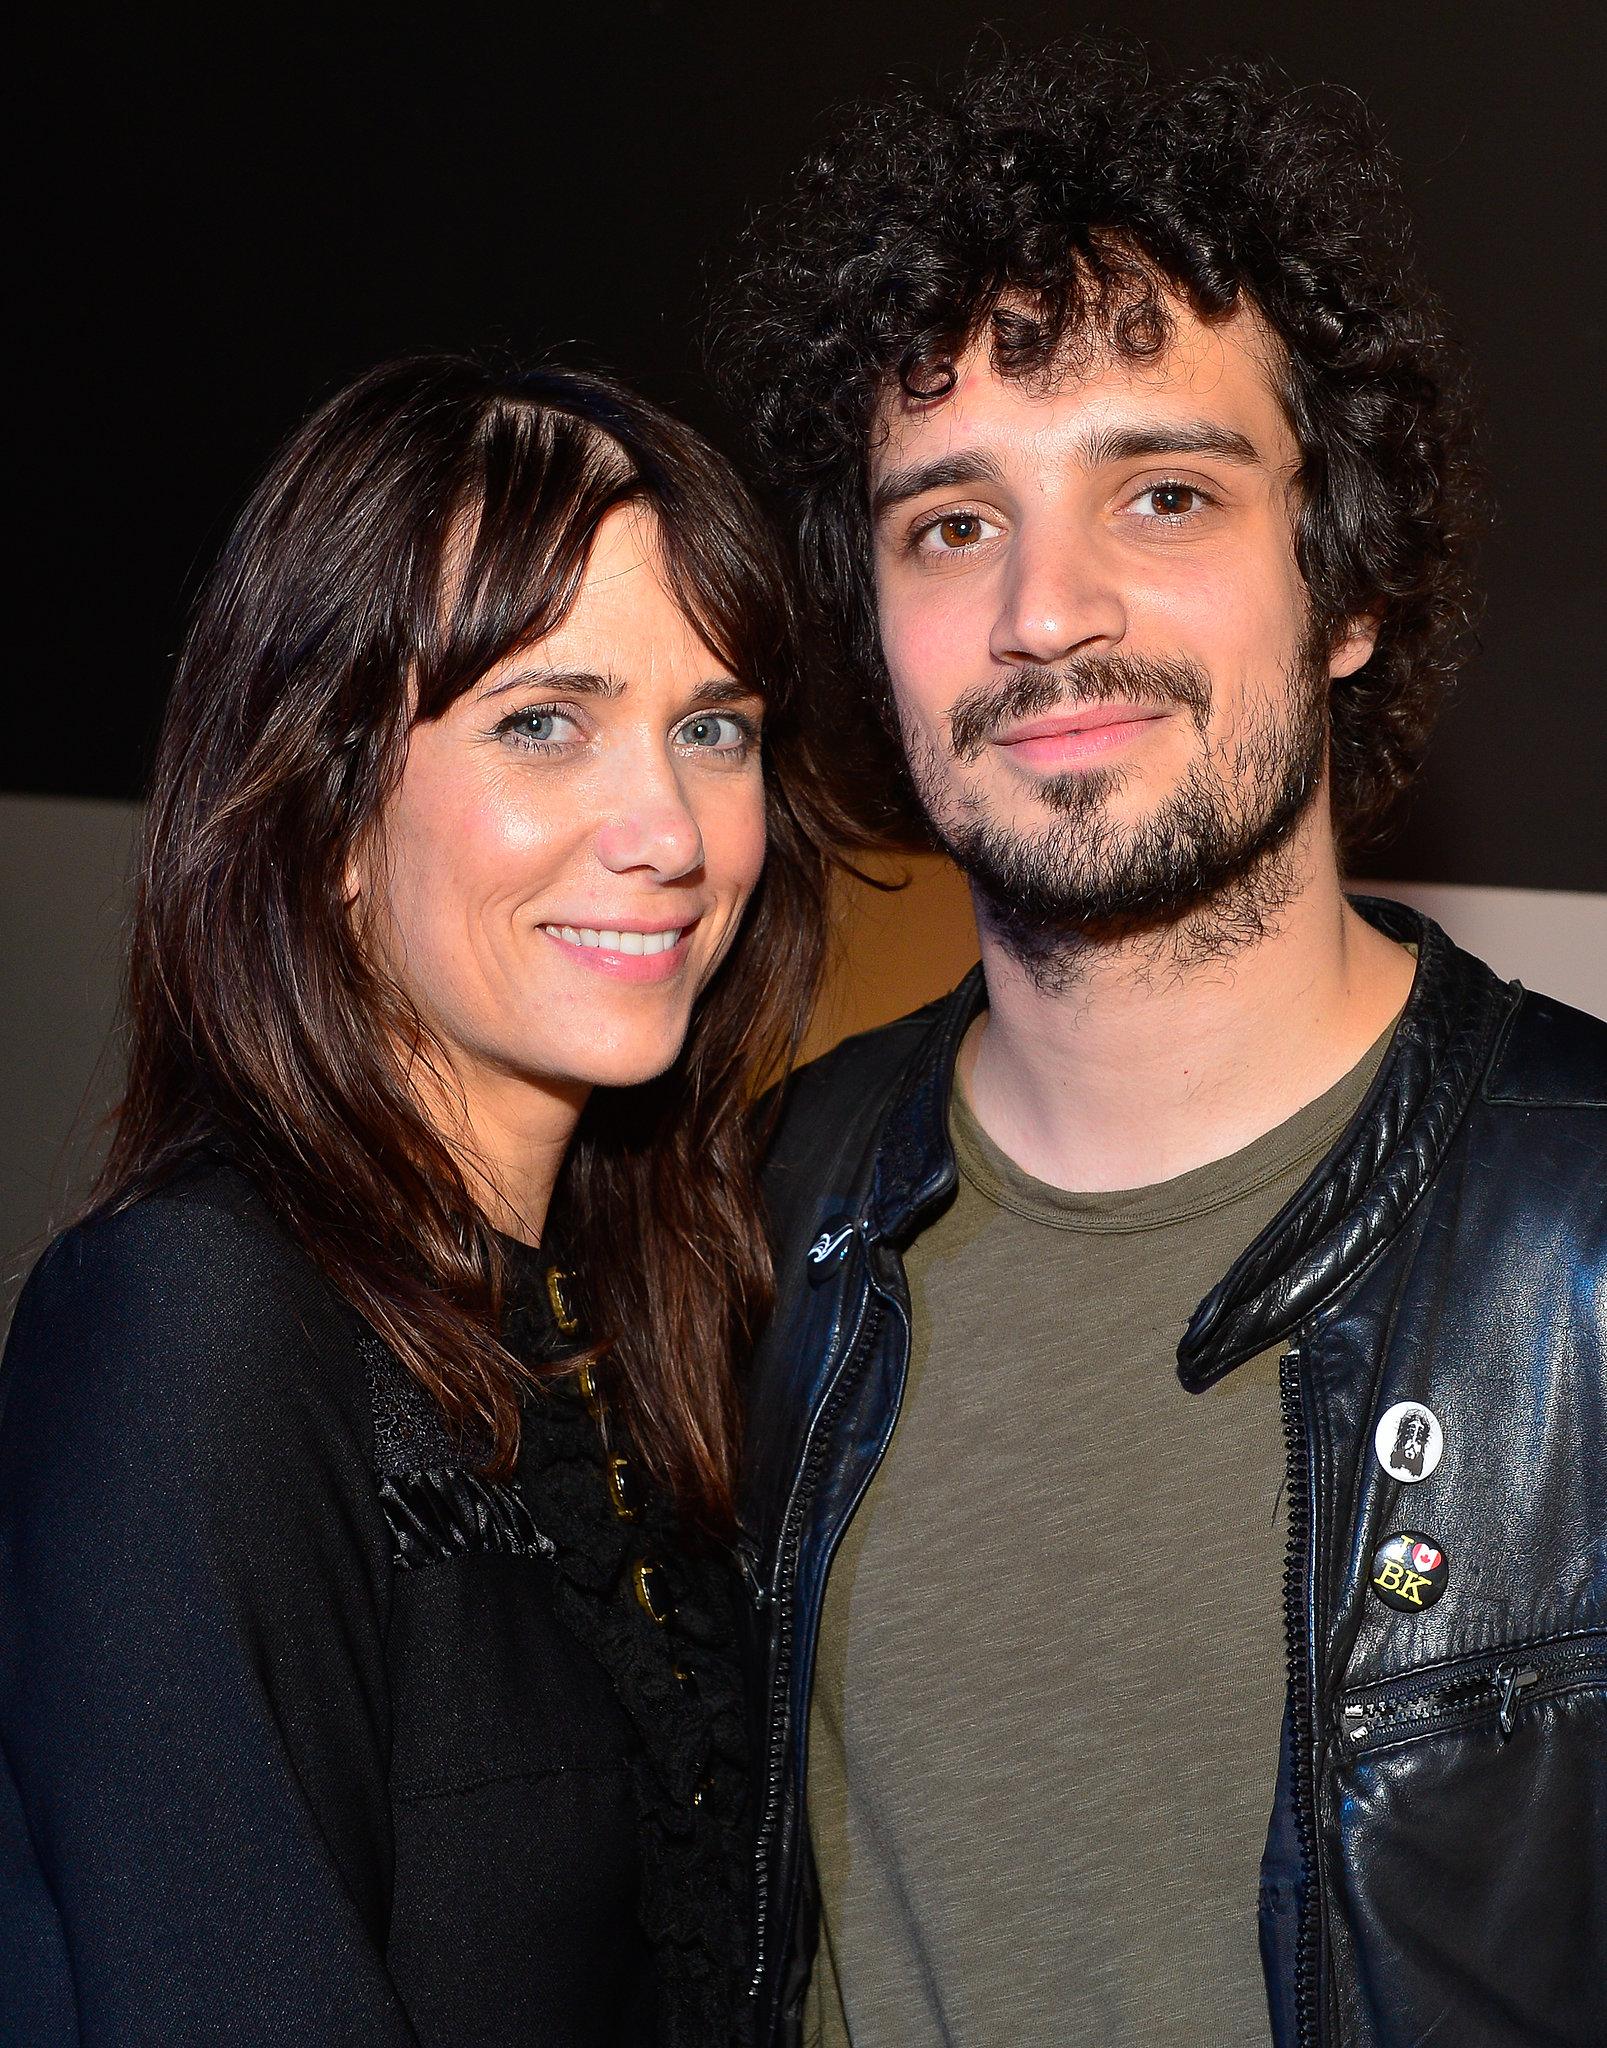 Kristen Wiig and Fabrizio Moretti